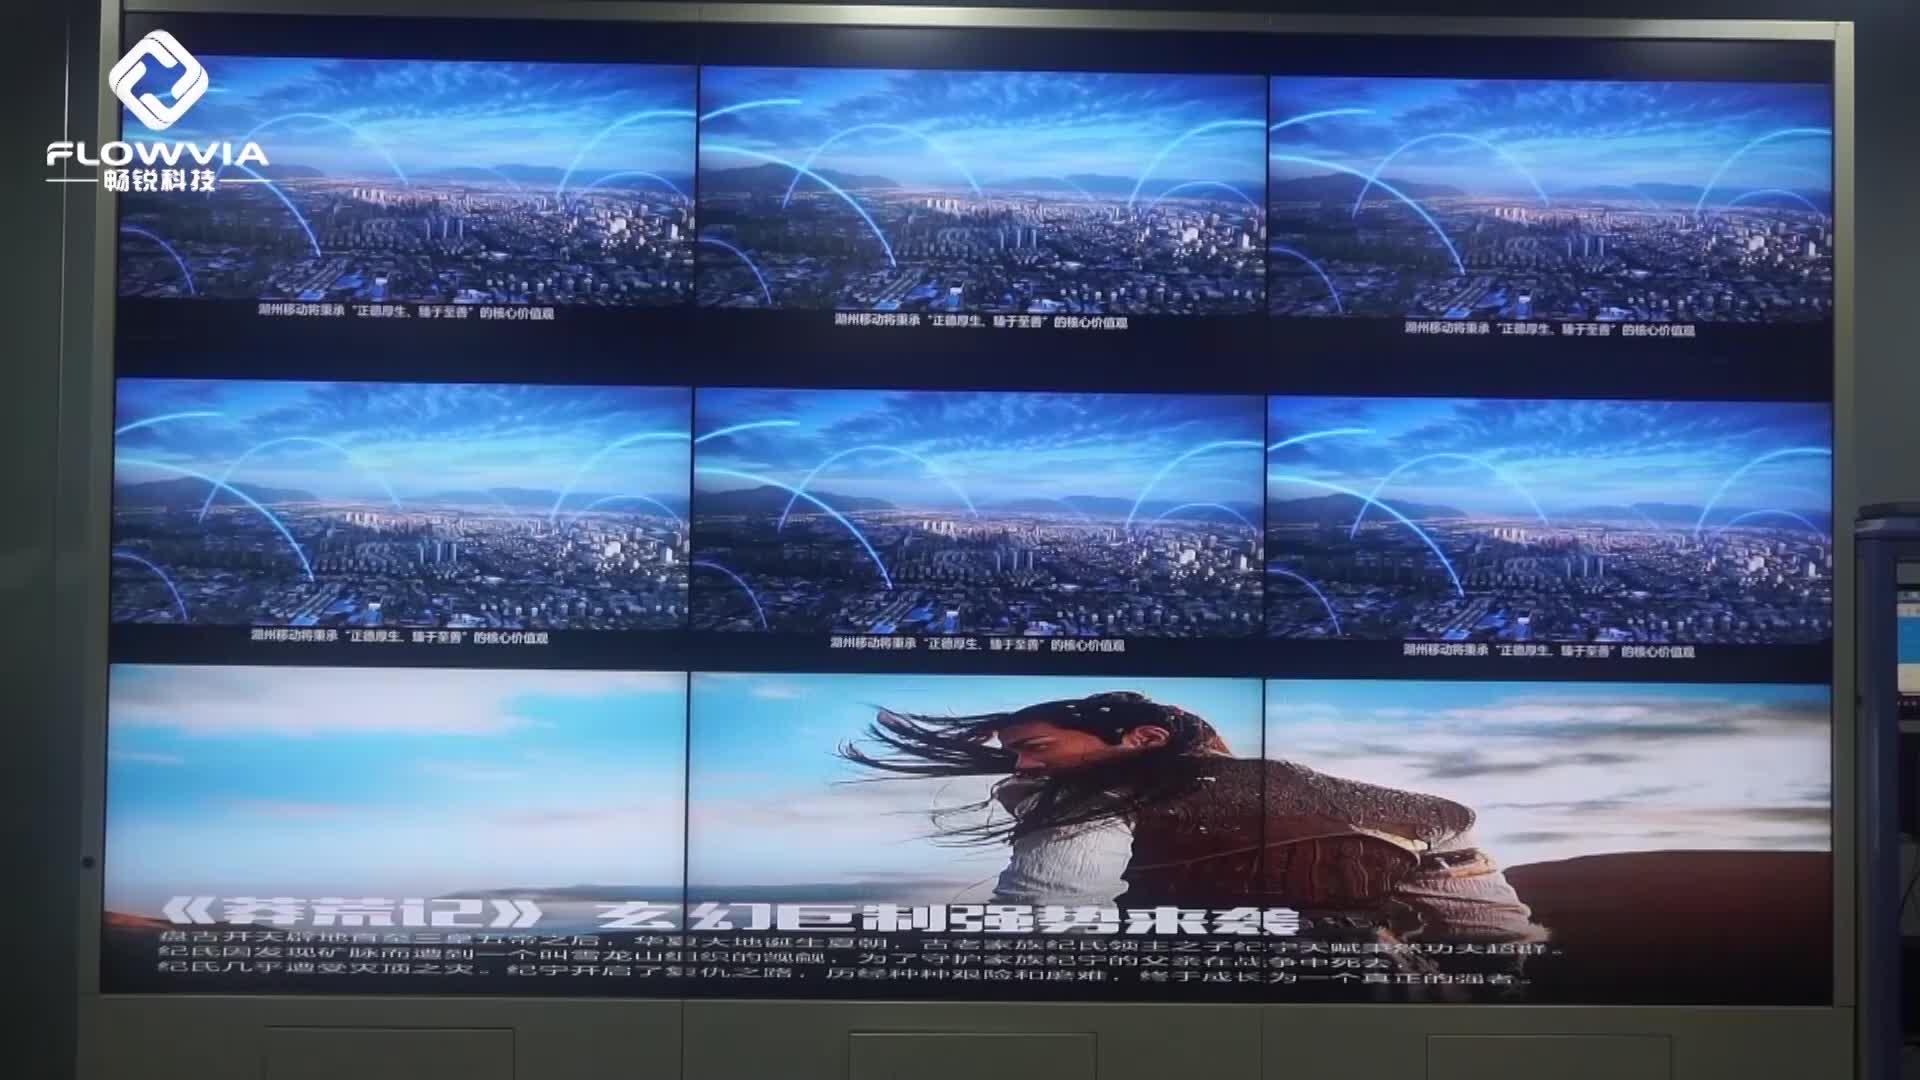 8x16 HDMI nahtlose matrix switcher 8x16 16x8 nahtlose matrix switcher mit video wand funktion